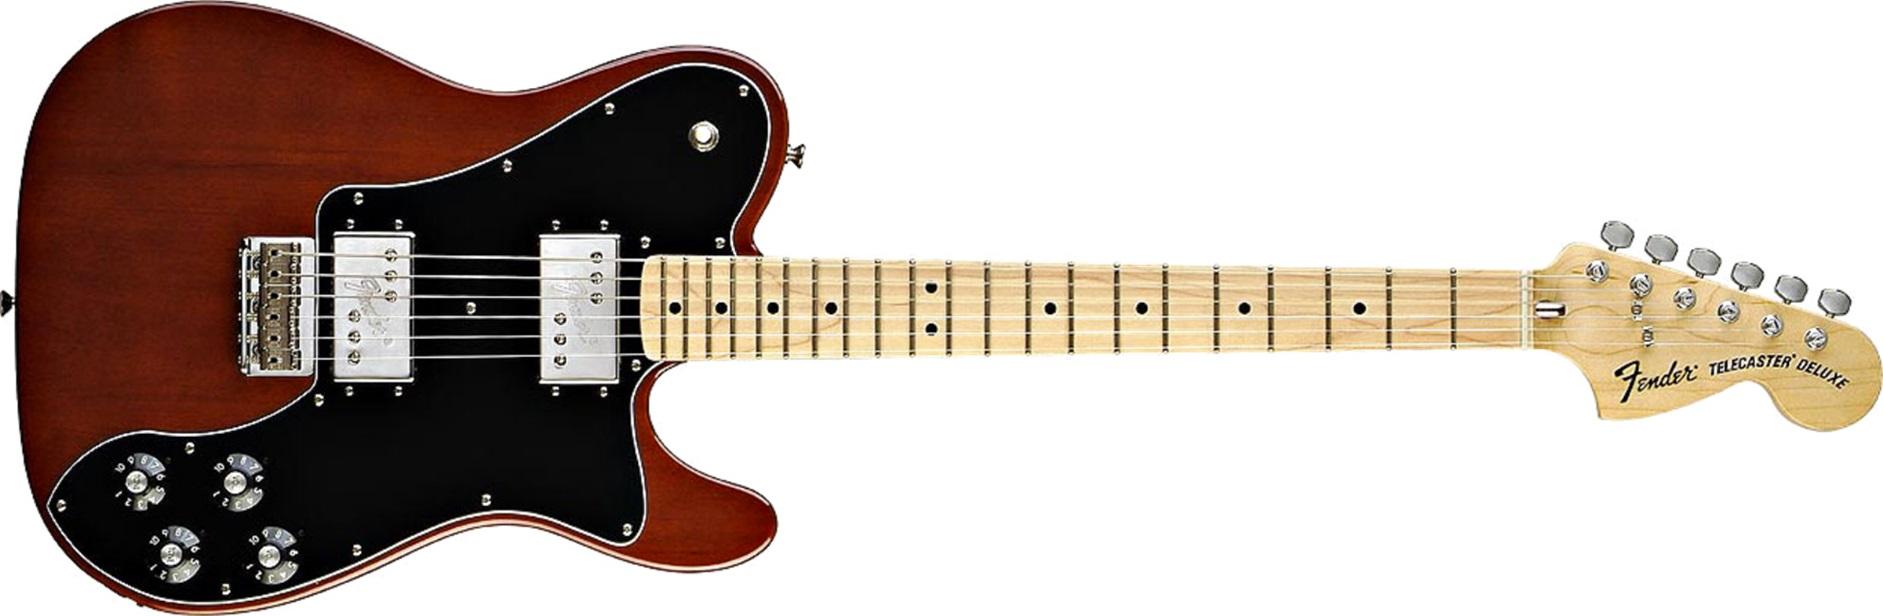 Fender 72 Telecaster Deluxe MN WS